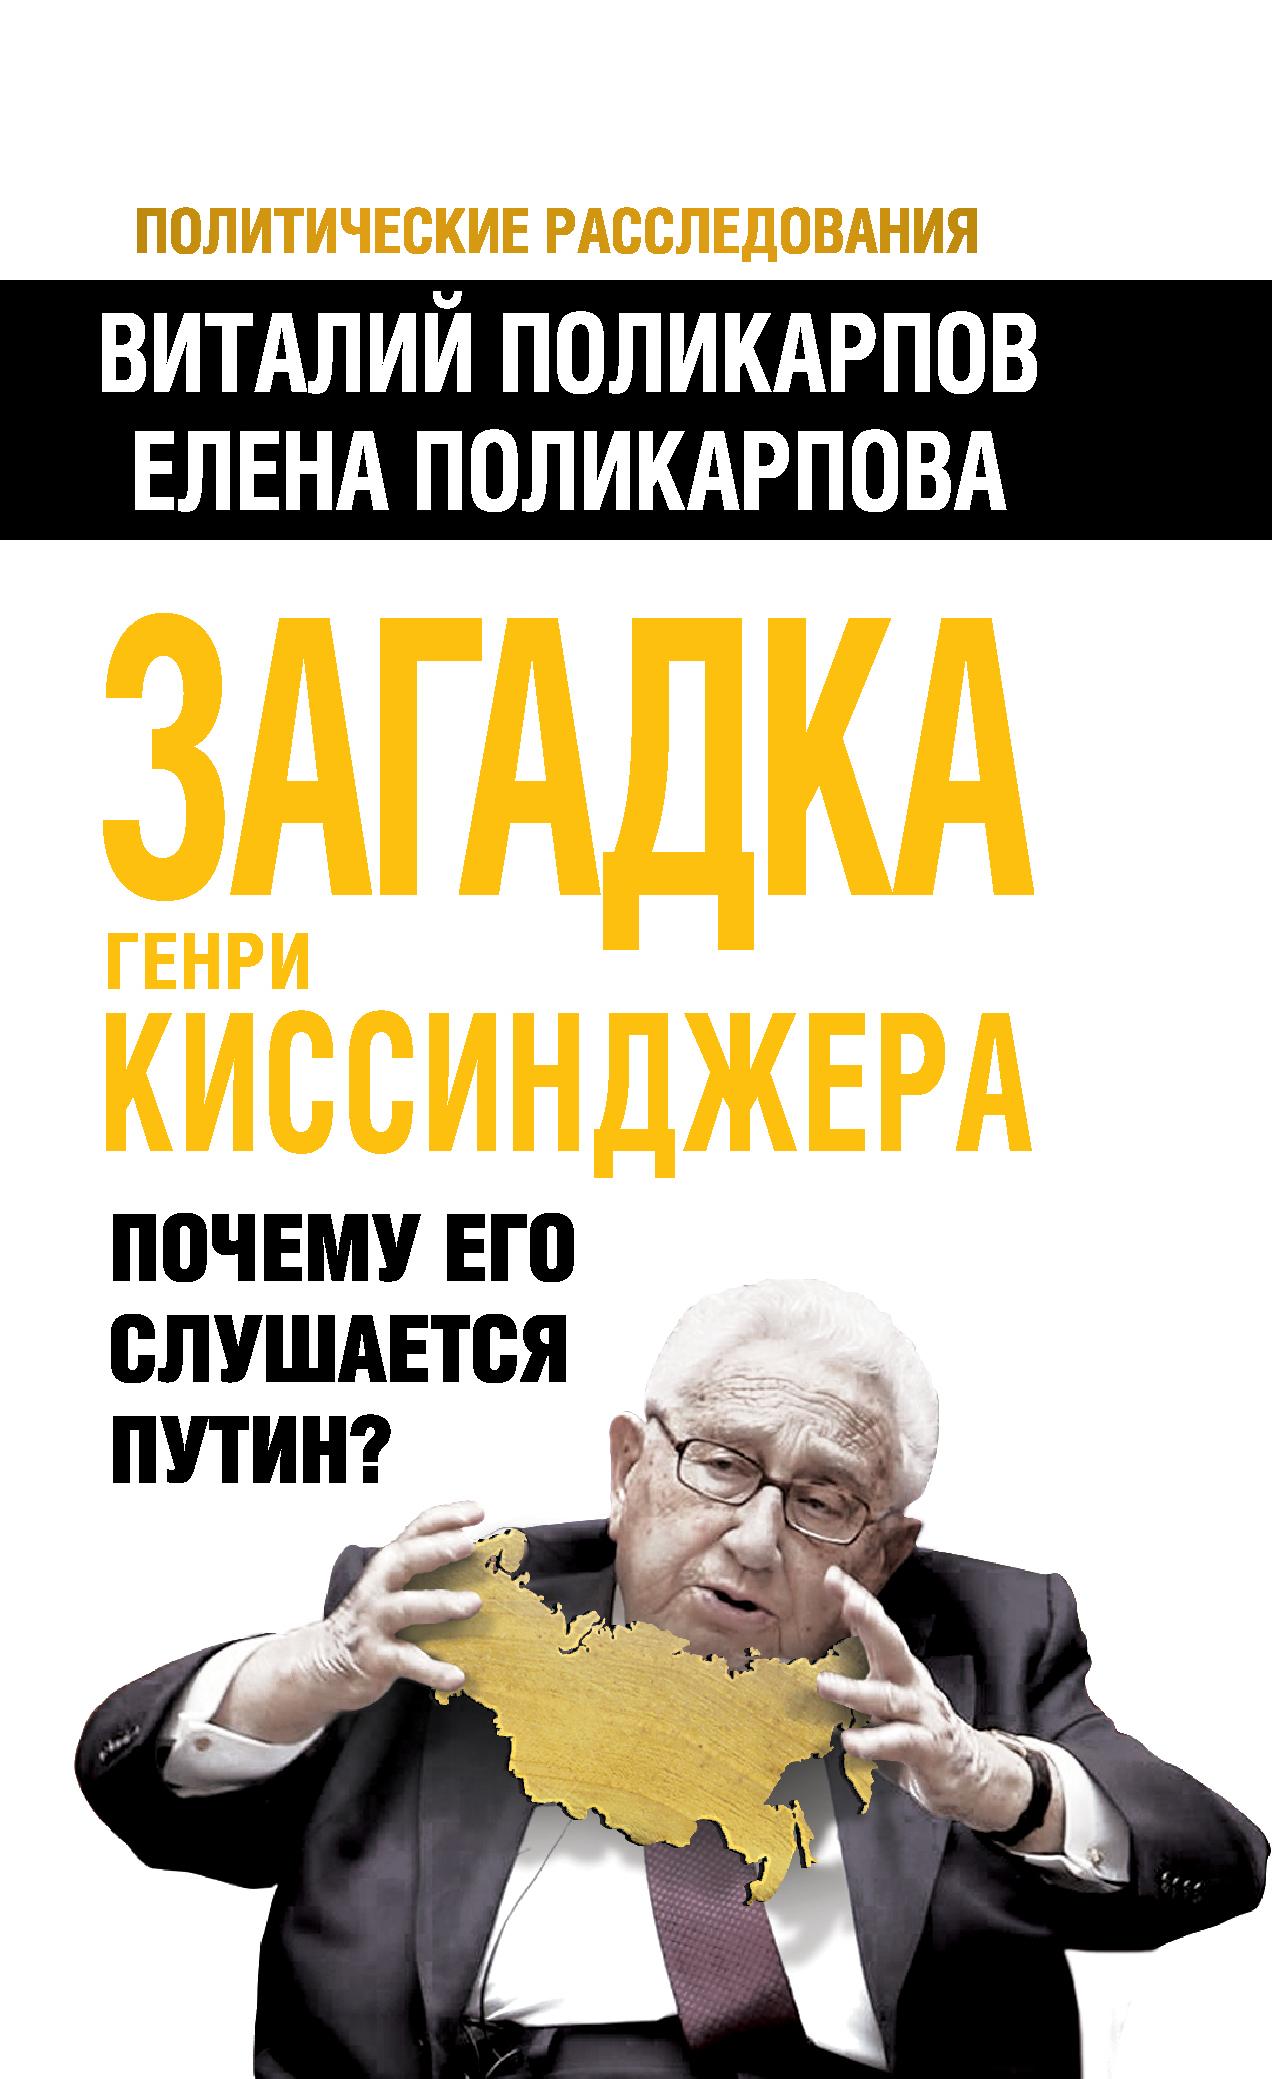 Загадка Генри Киссинджера. Почему его слушает Путин? ( Поликарпов В.С., Поликарпова Е.В.  )